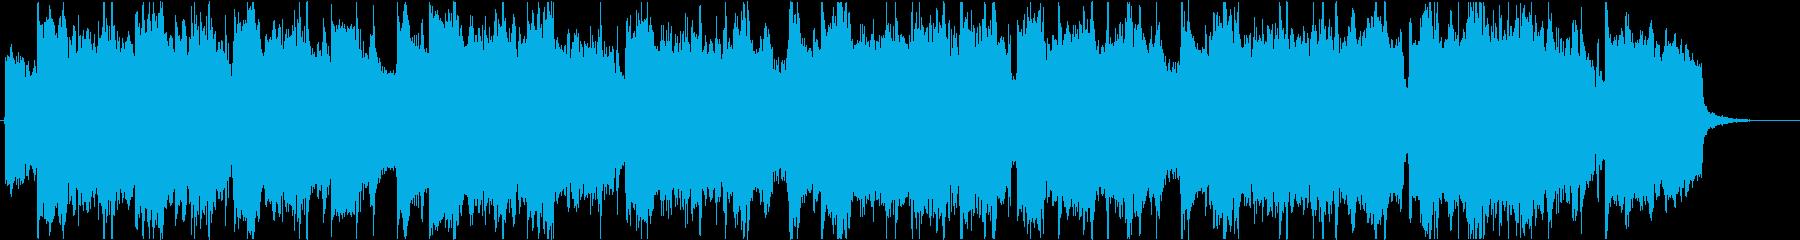 ゆったり爽やか南国ウクレレハワイアンfの再生済みの波形